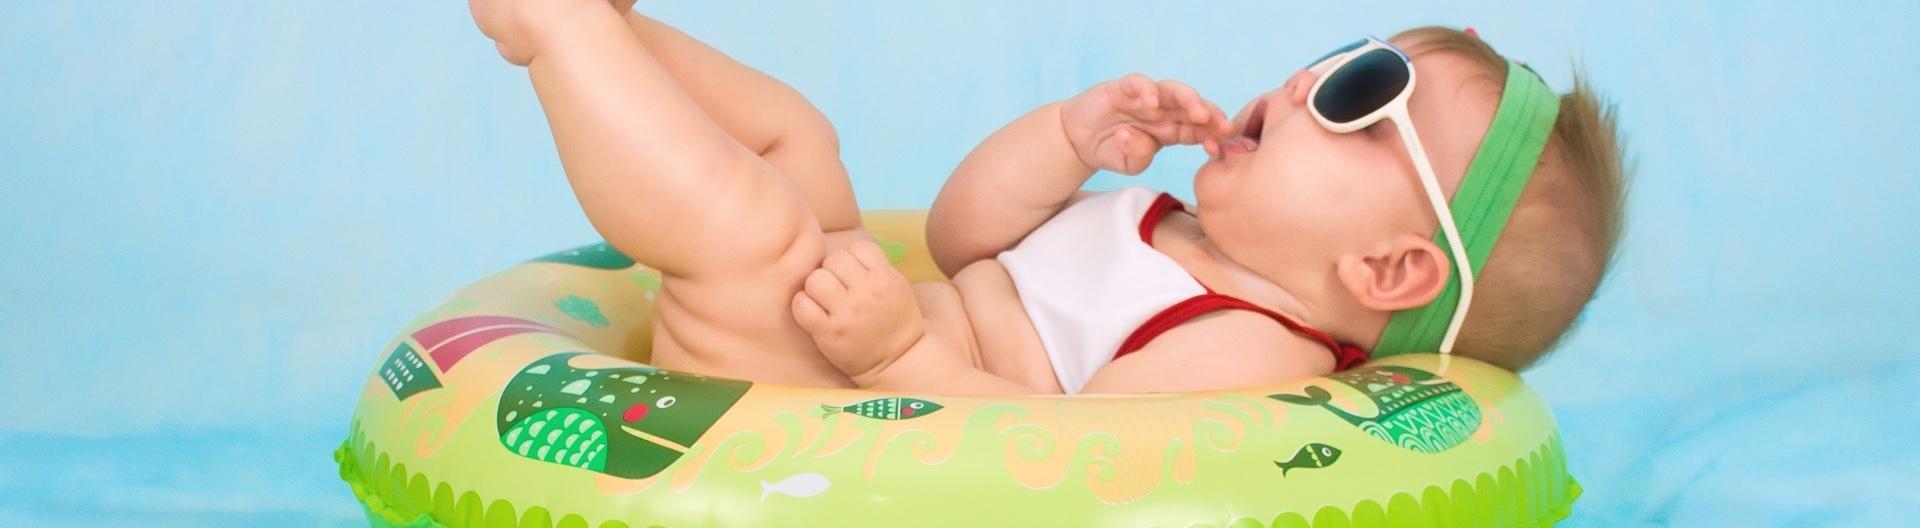 Baby liegt mit Sonnenbrille auf einem Schwimmreifen